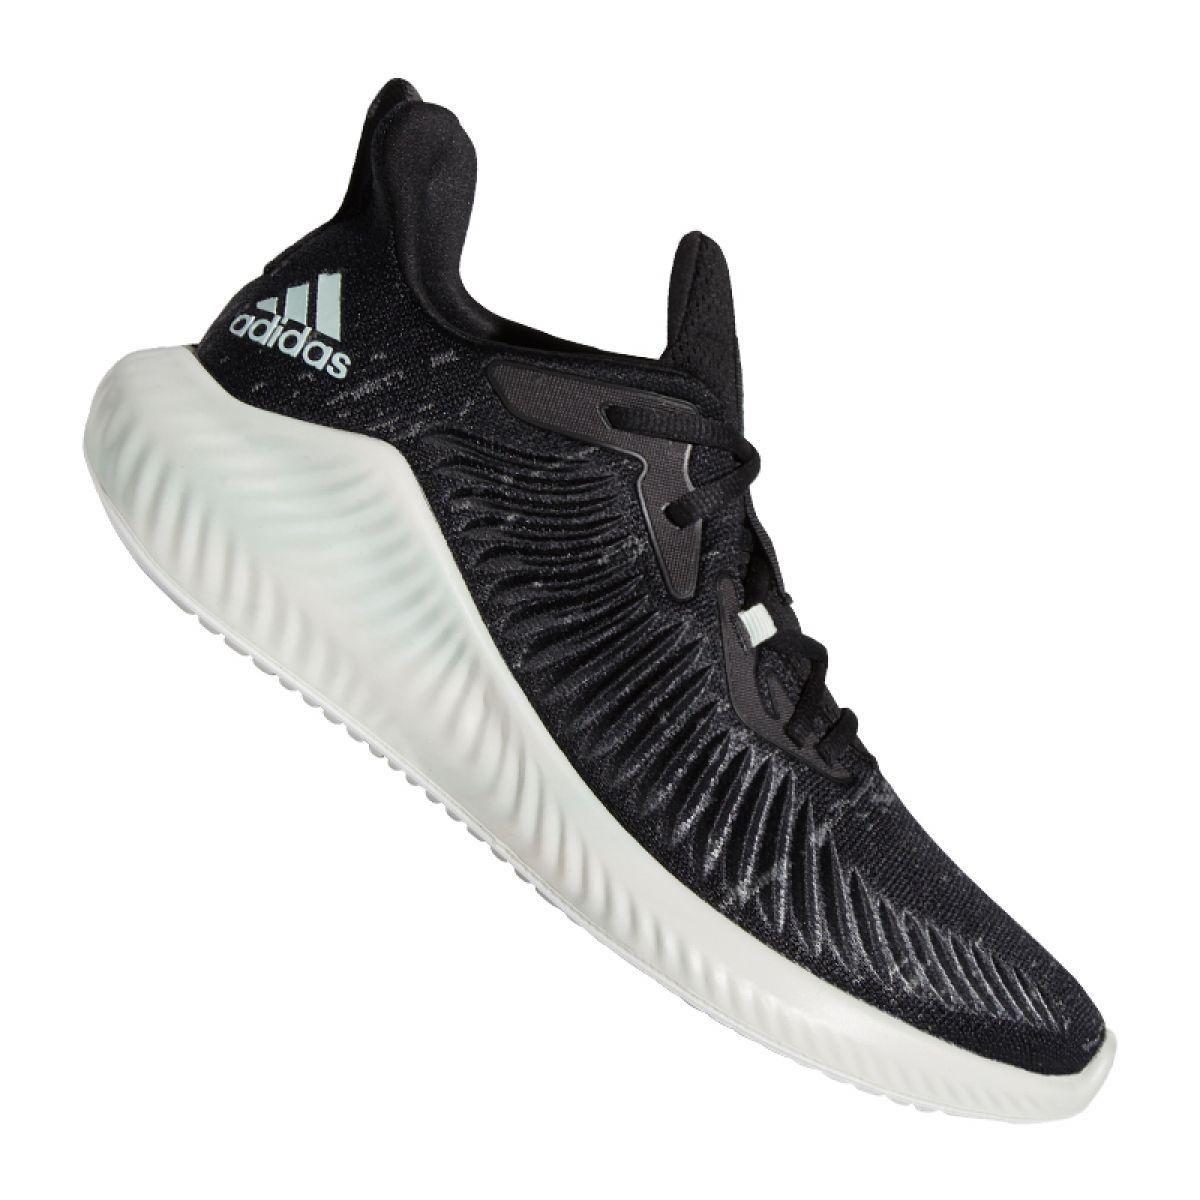 Adidas Alphabounce + Parley